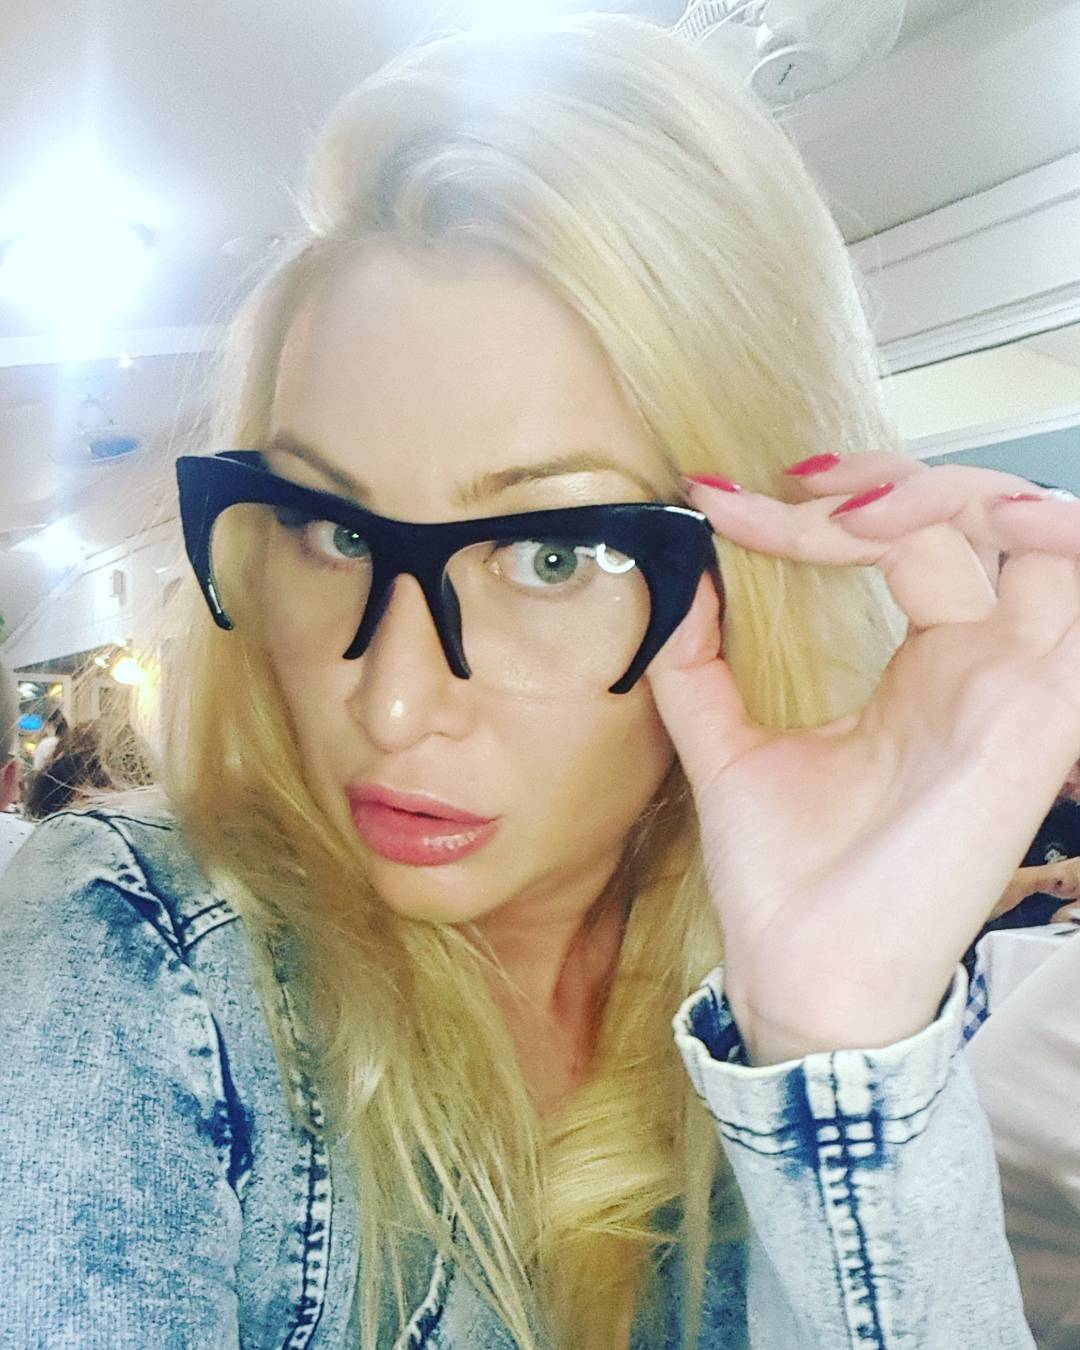 Диана Бичарова: 13 миллионов подписчиков Бузовой - боты